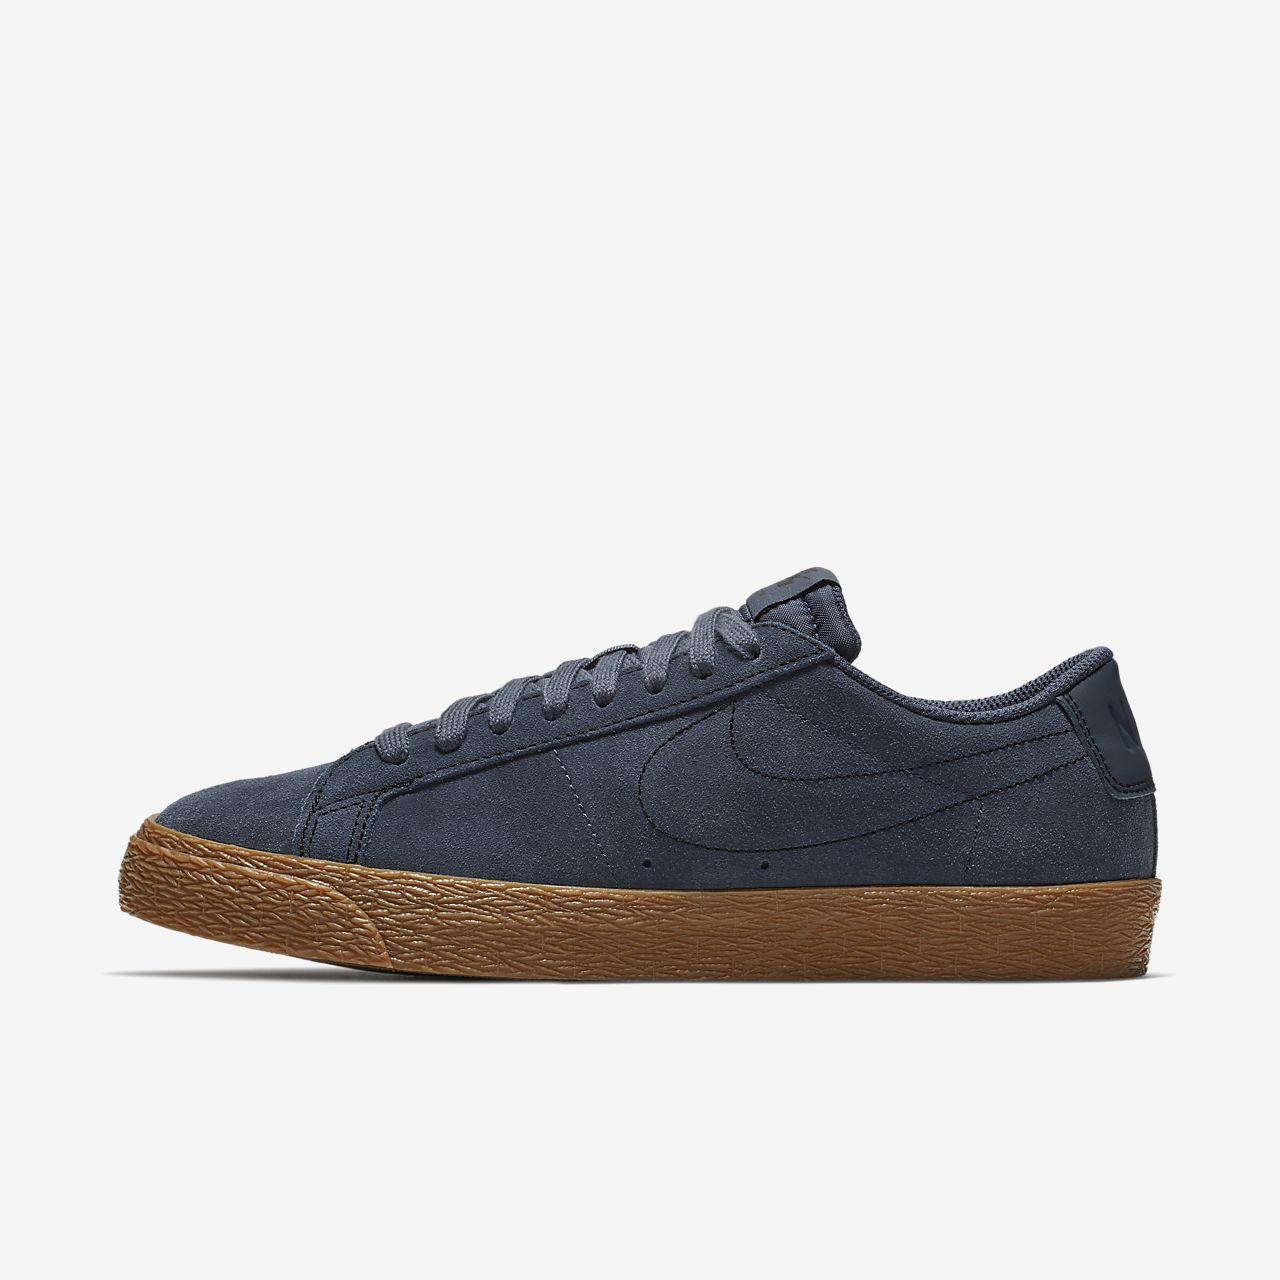 huge selection of 48ca5 1b378 SB Blazer Zoom Low Skateschoen heren | Schoenen - Sneakers, Blue ...